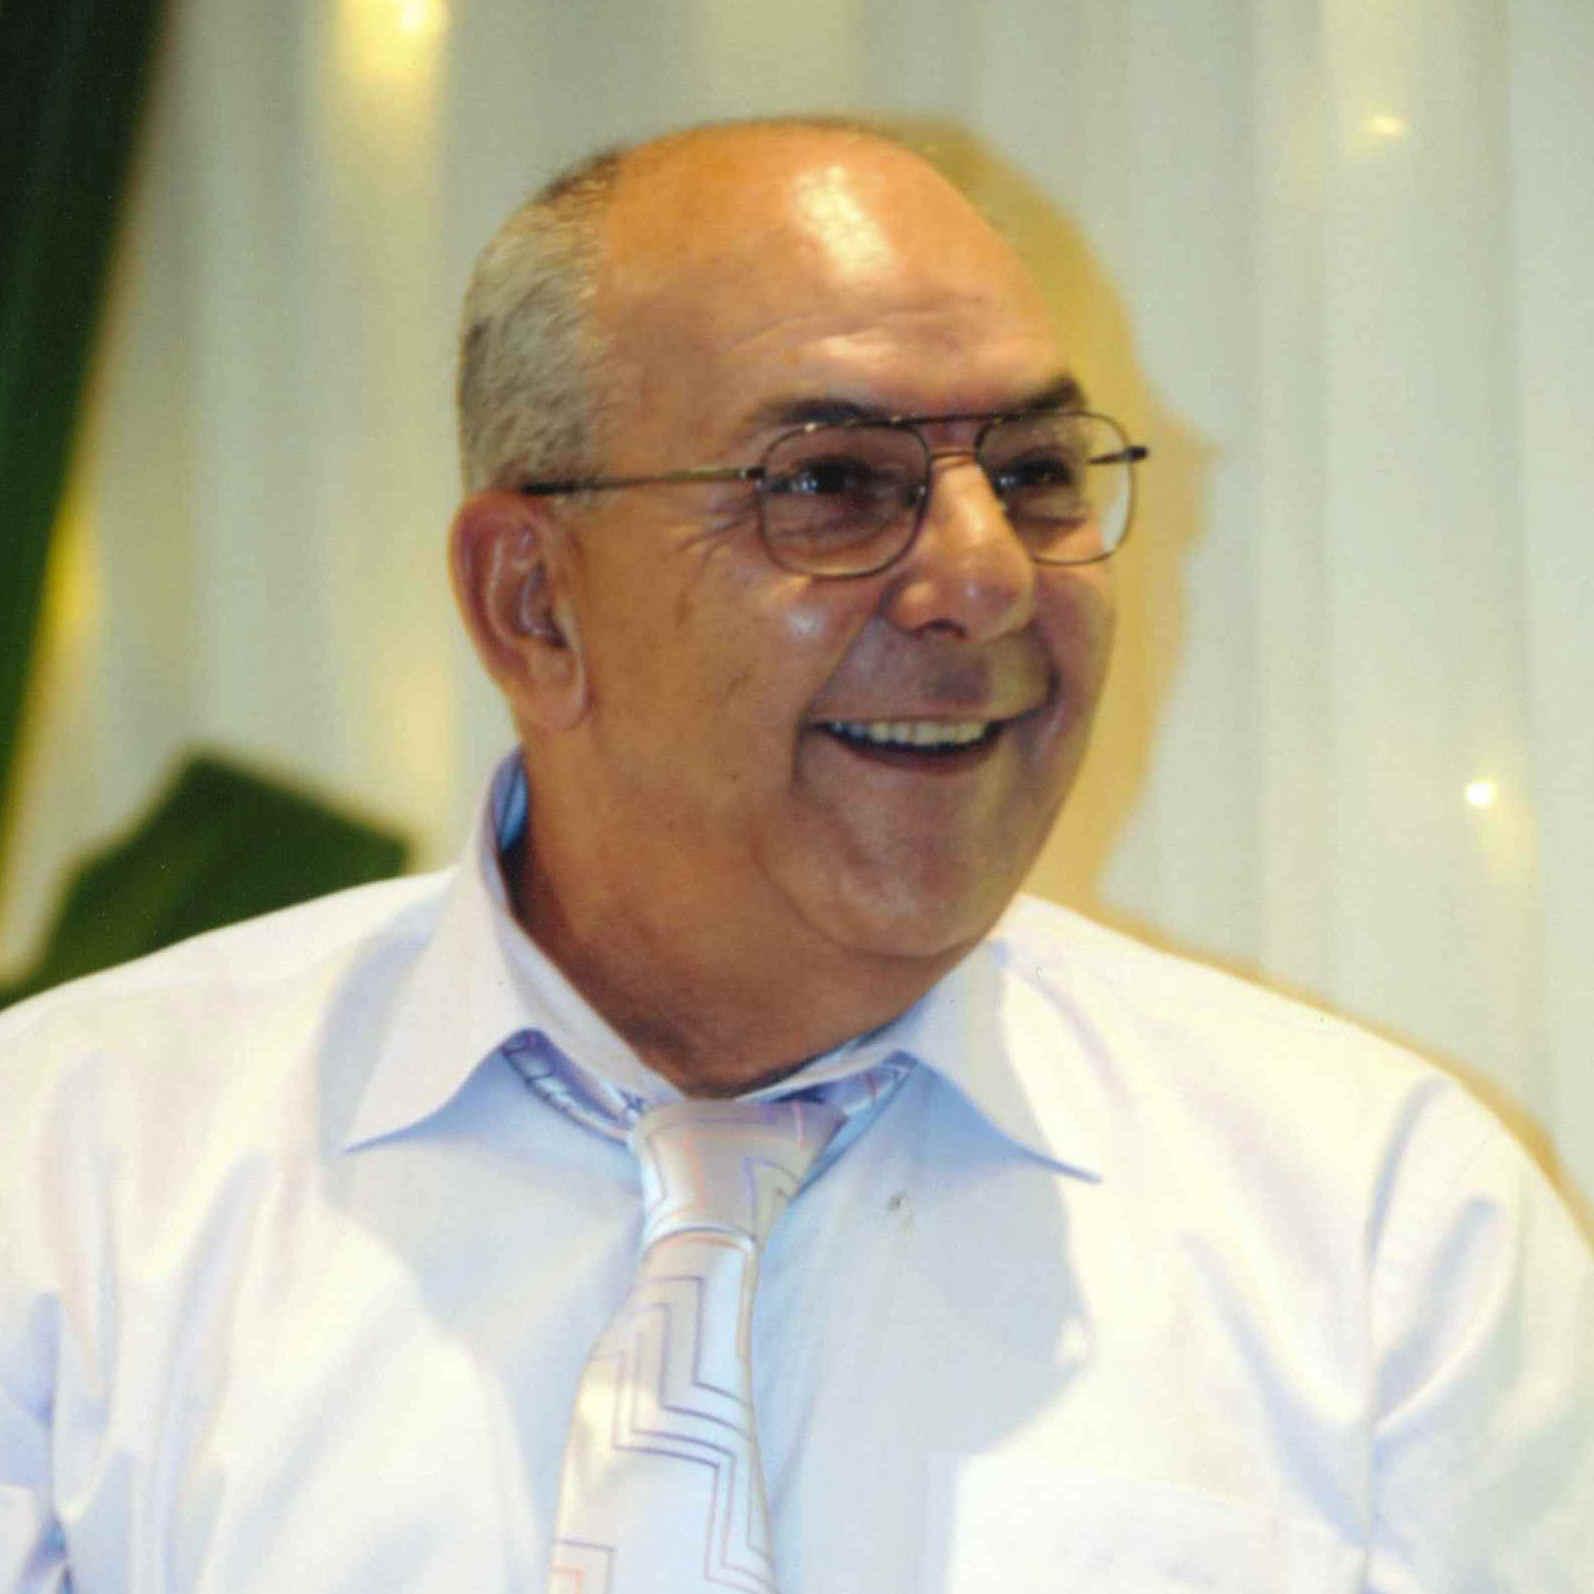 Antonio  Isgro